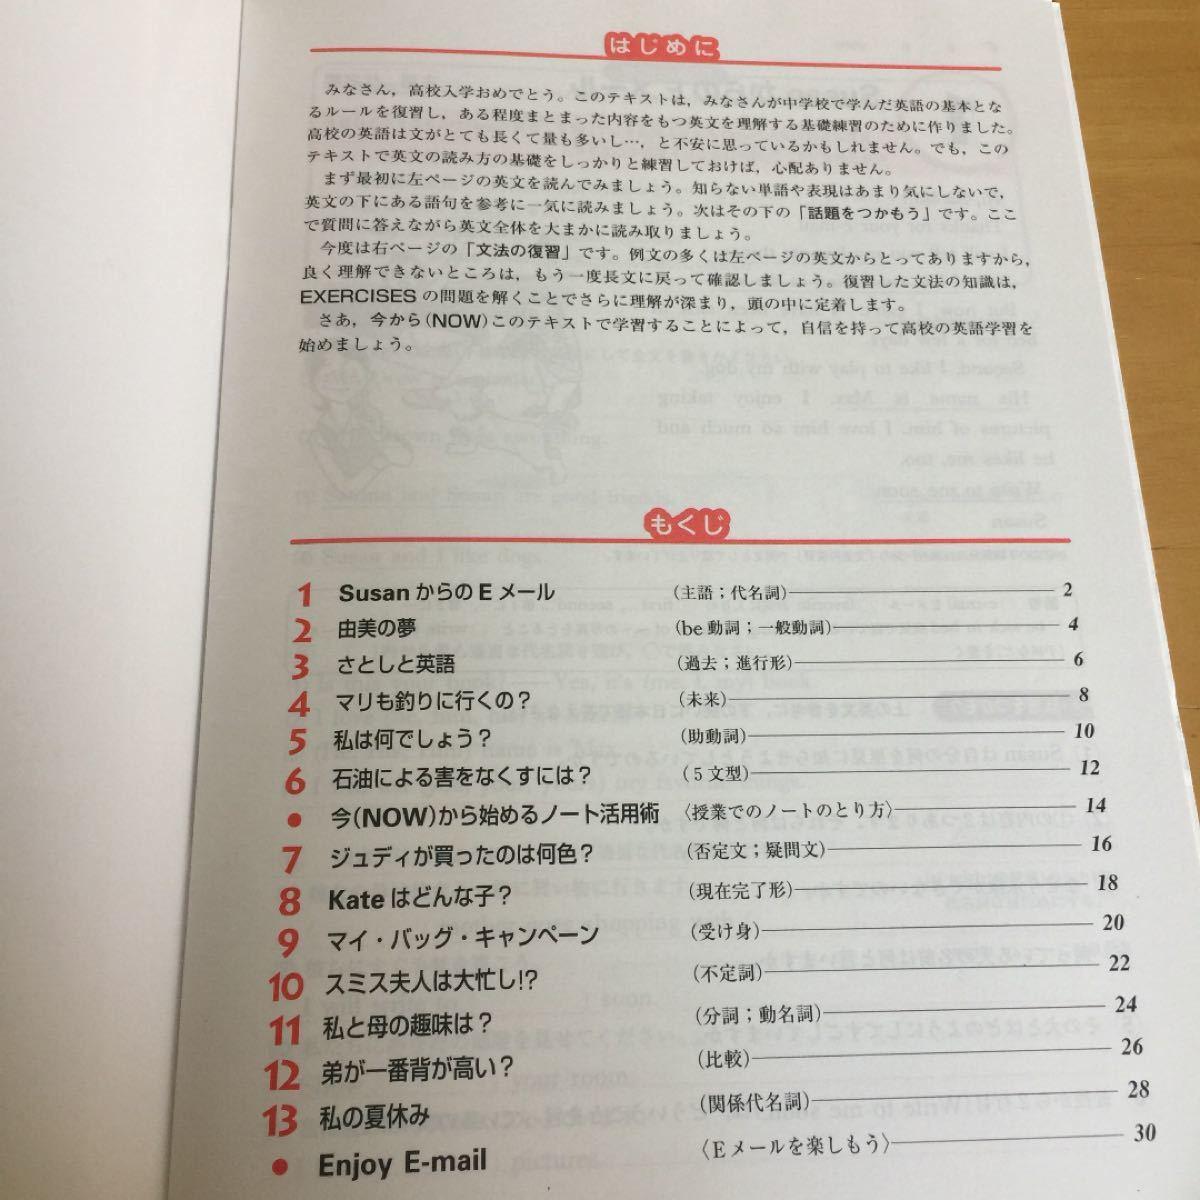 中学英語の総復習 基礎固め 文法と文章問題 高校入試